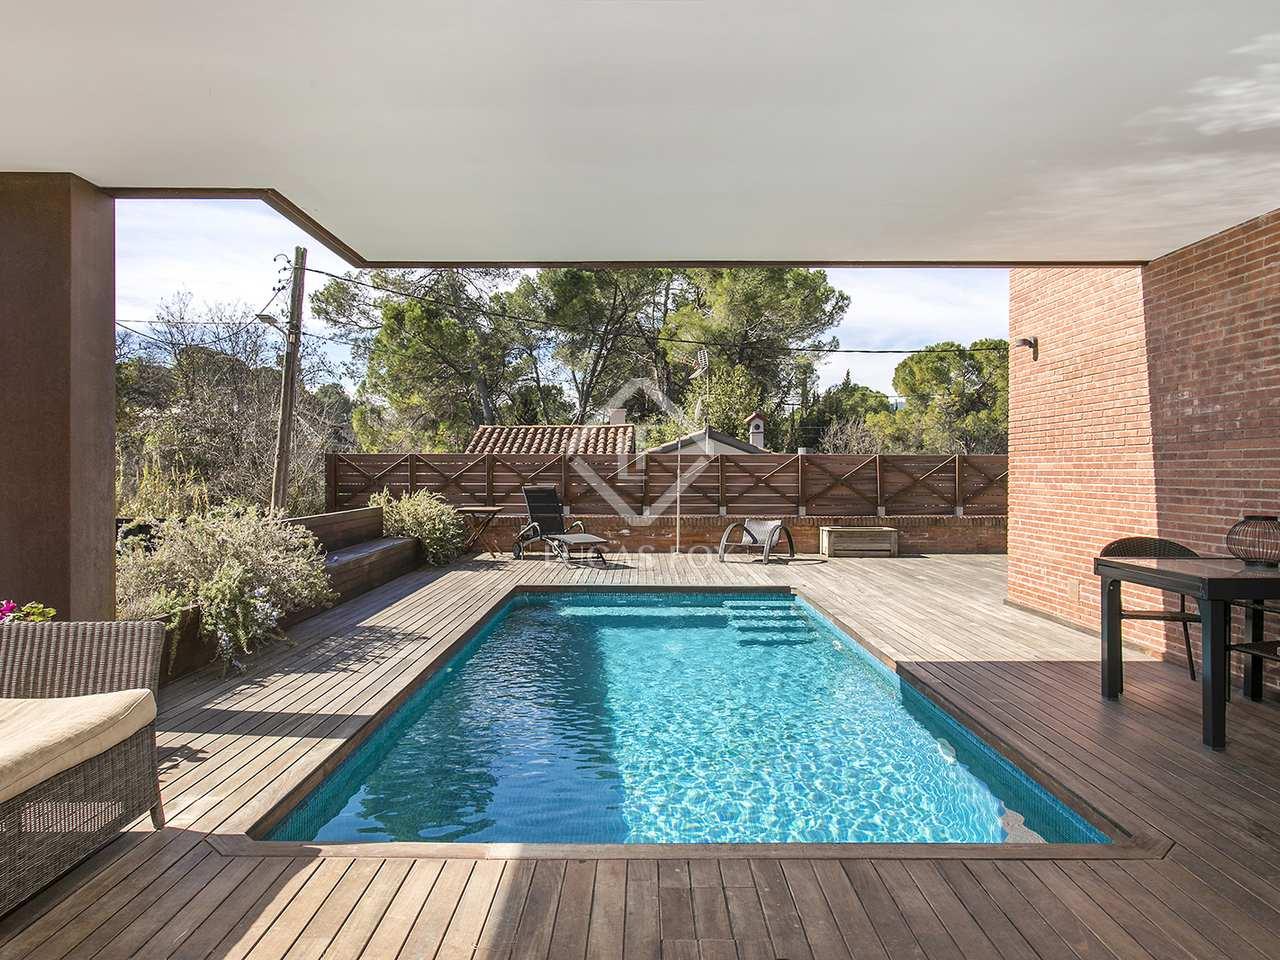 Maison villa de 265m a louer sant cugat avec 700m de - Maison a louer 3 chambres avec jardin ...